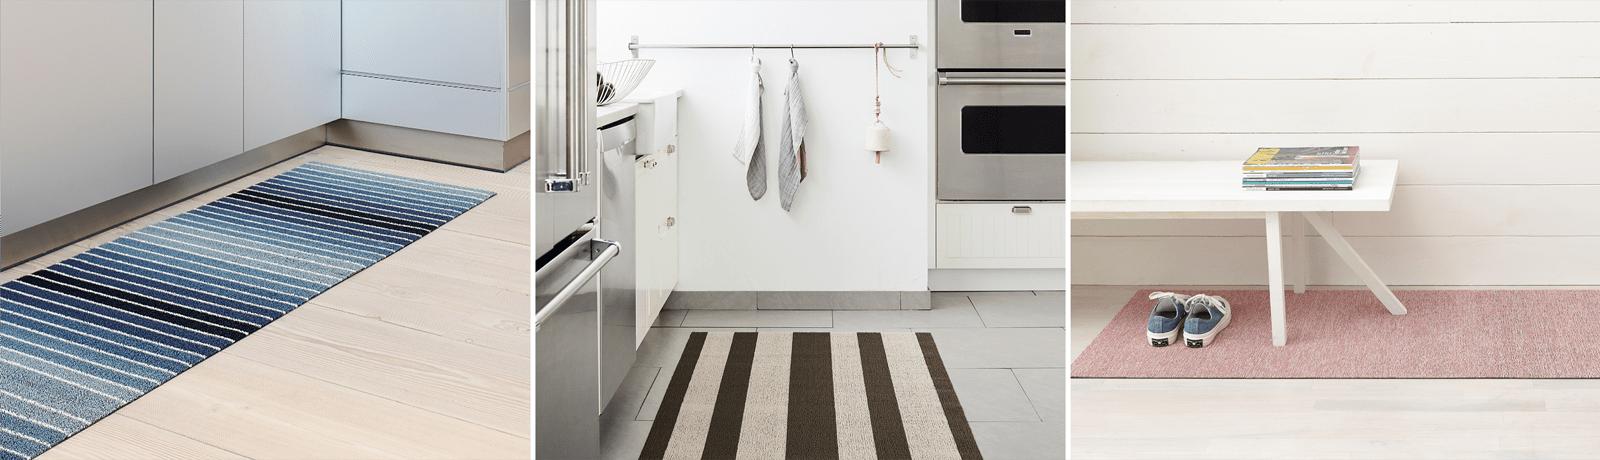 Custom Size Doormats Entryway Kitchen